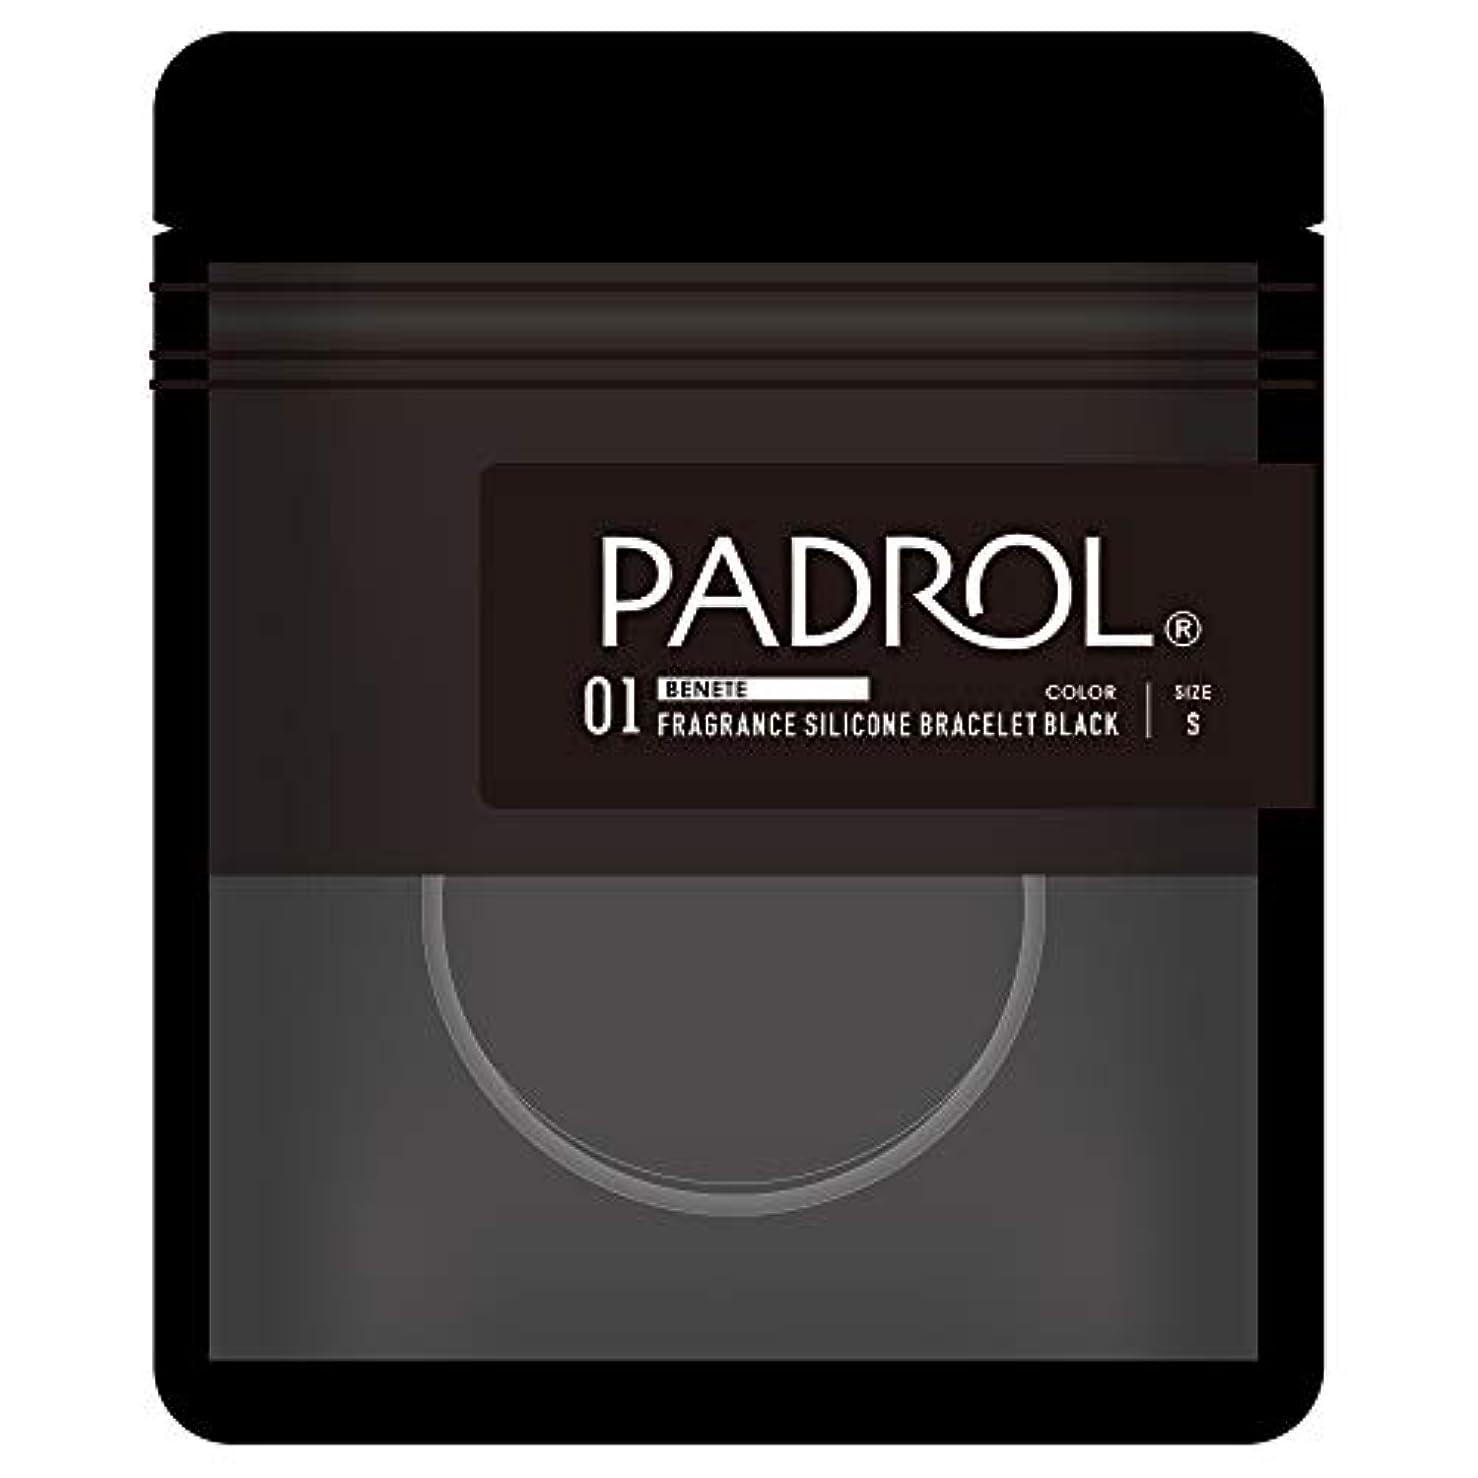 サーキットに行くボイラー魅惑的なPADROL フレグランス ブレスレット ホワイトムスクの香り シリコン Sサイズ ブラック PAD-13-03